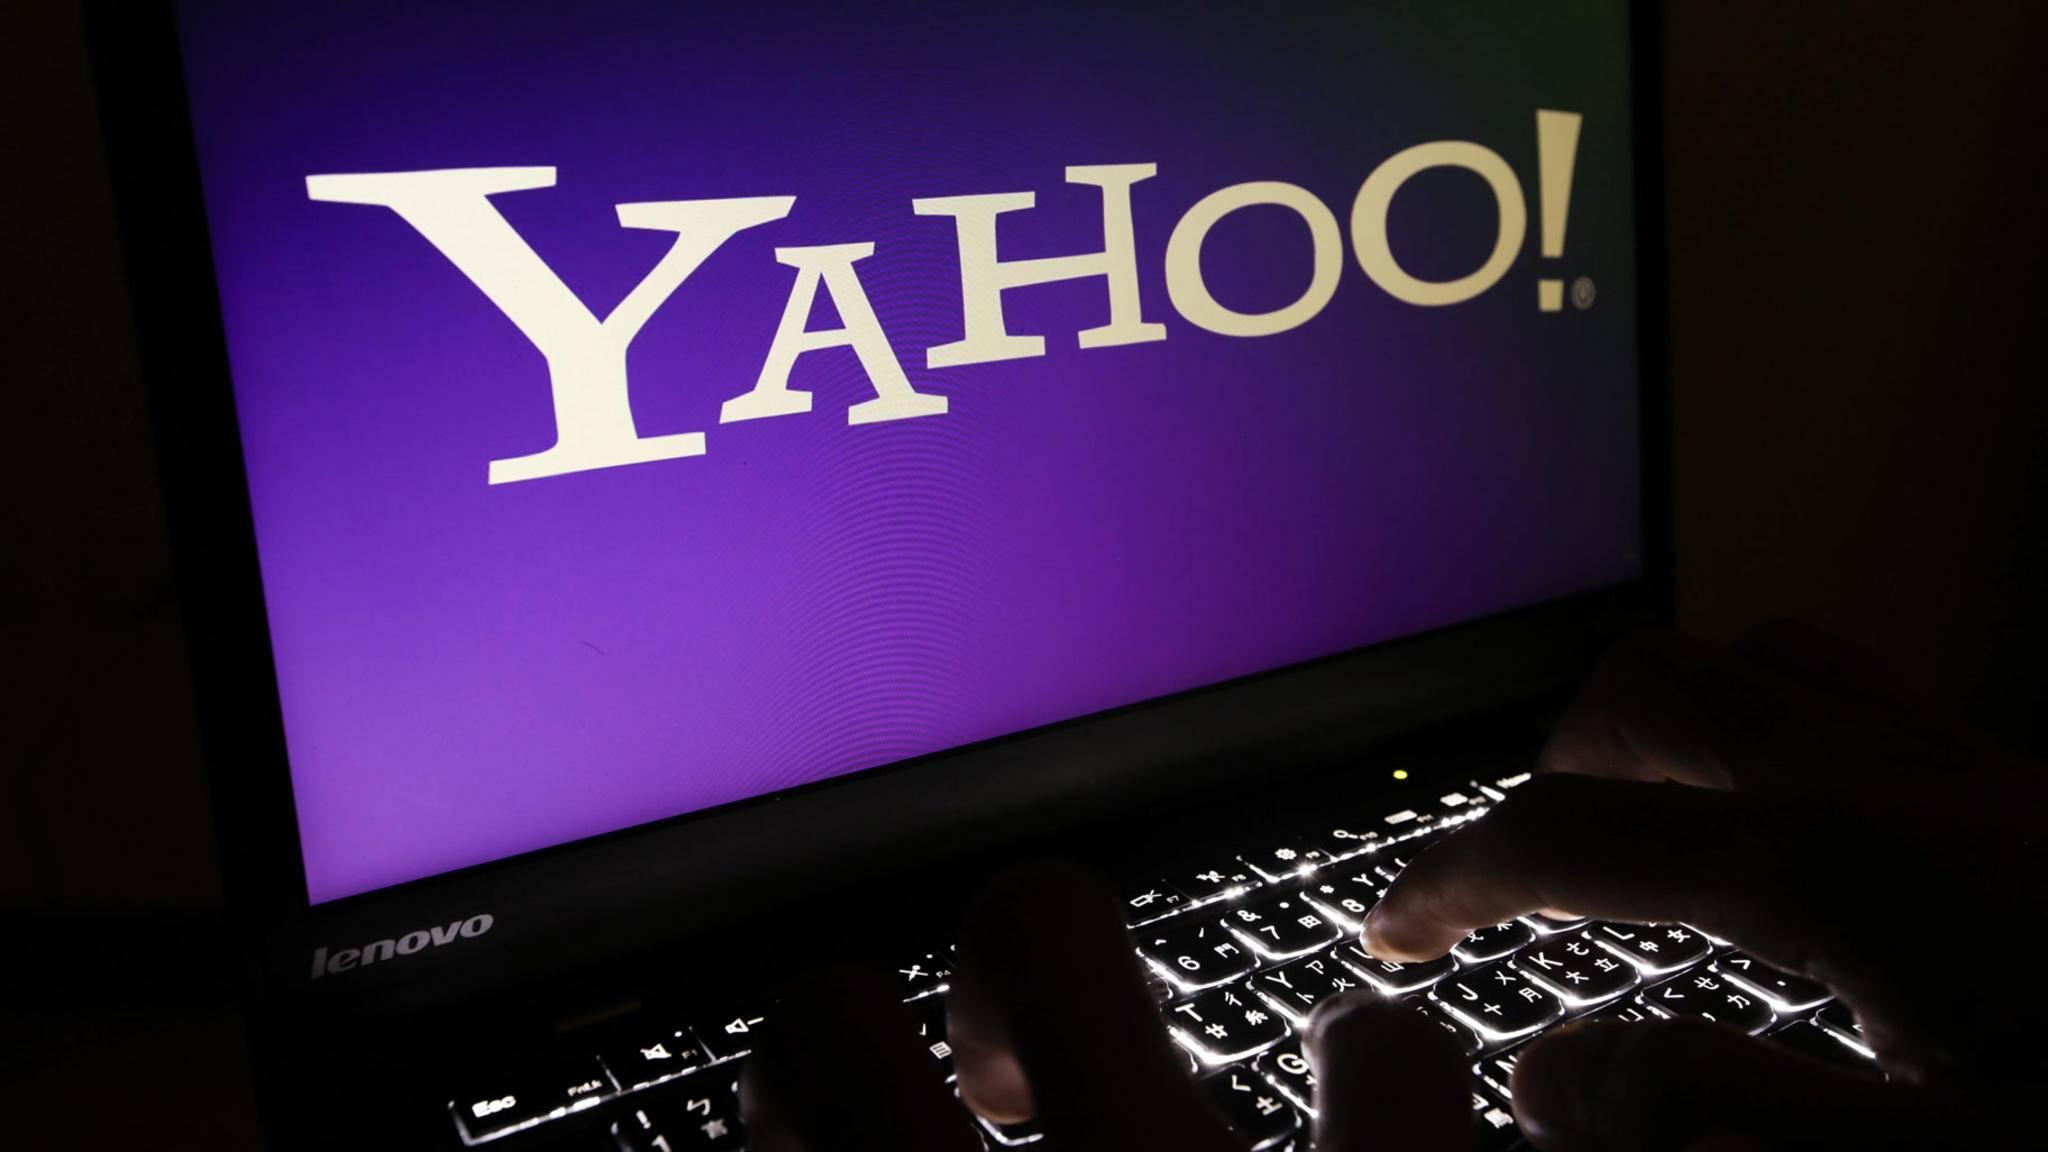 Erneuter Datendiebstahl bei Yahoo: Mehr als eine Milliarde Konten sind betroffen.